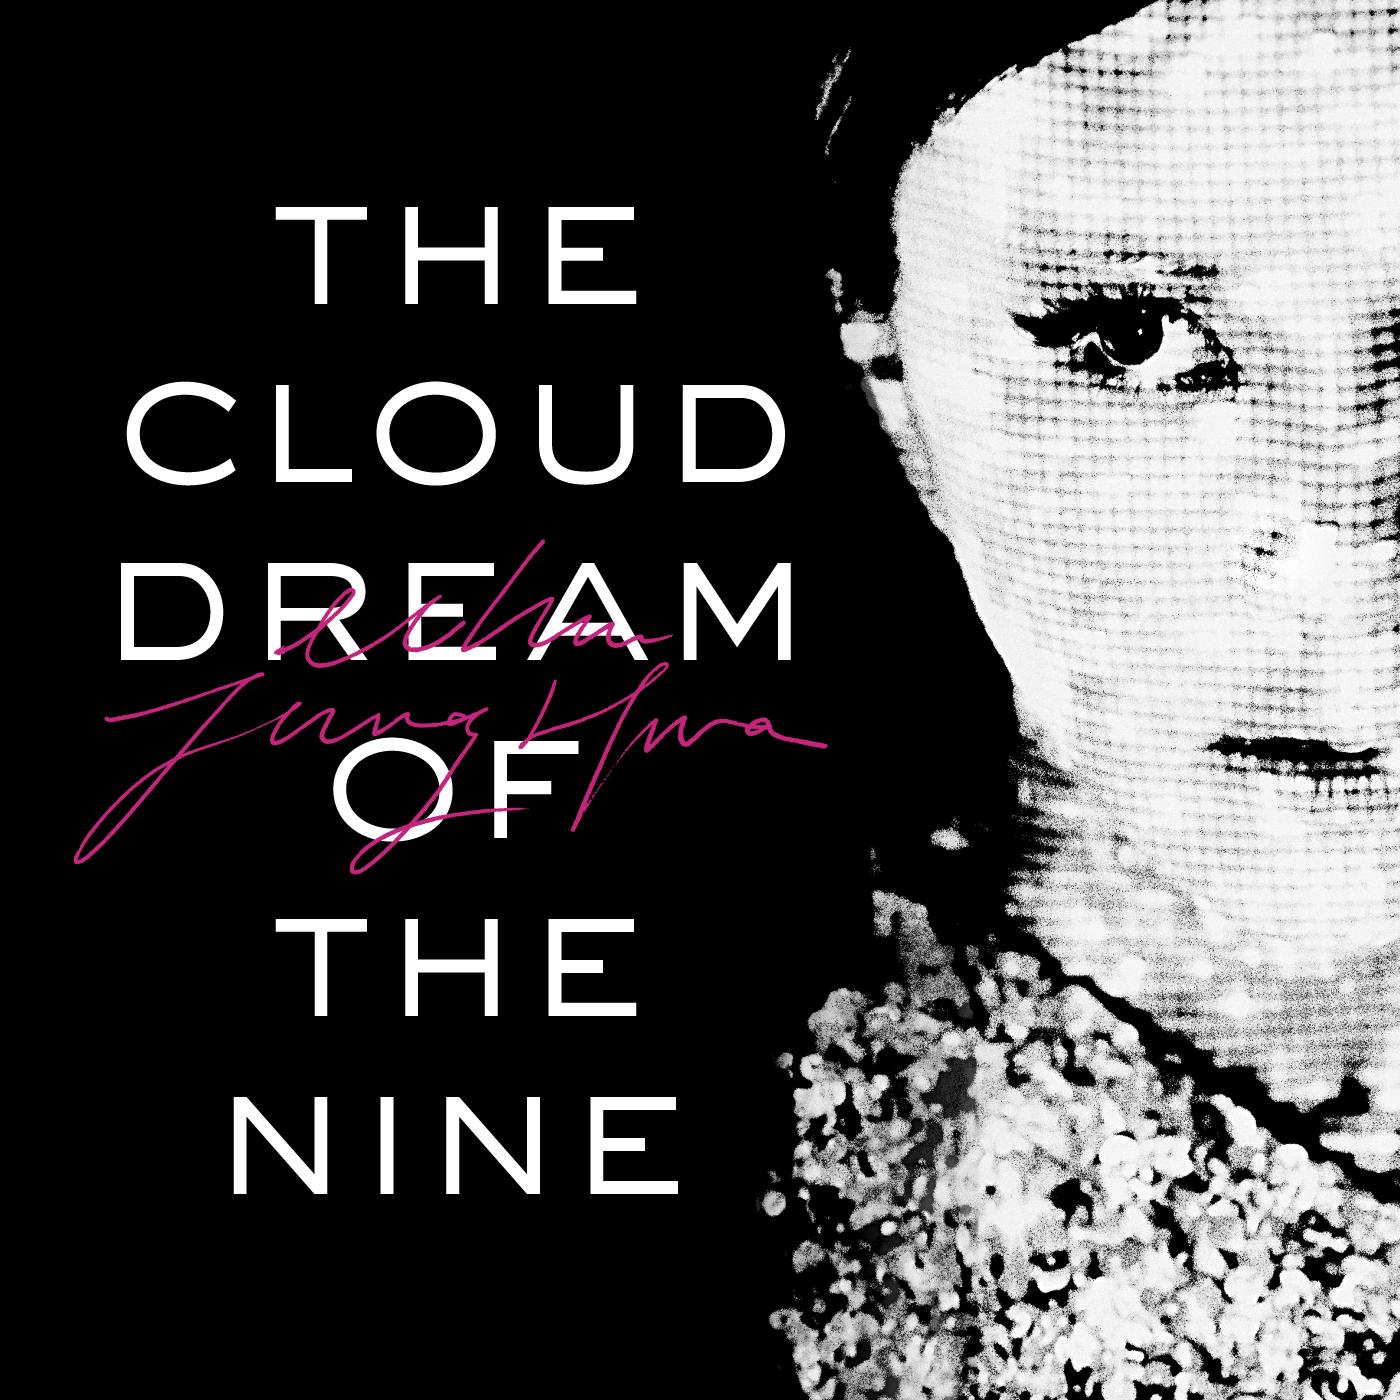 엄정화 [The Cloud Dream Of The Nine]